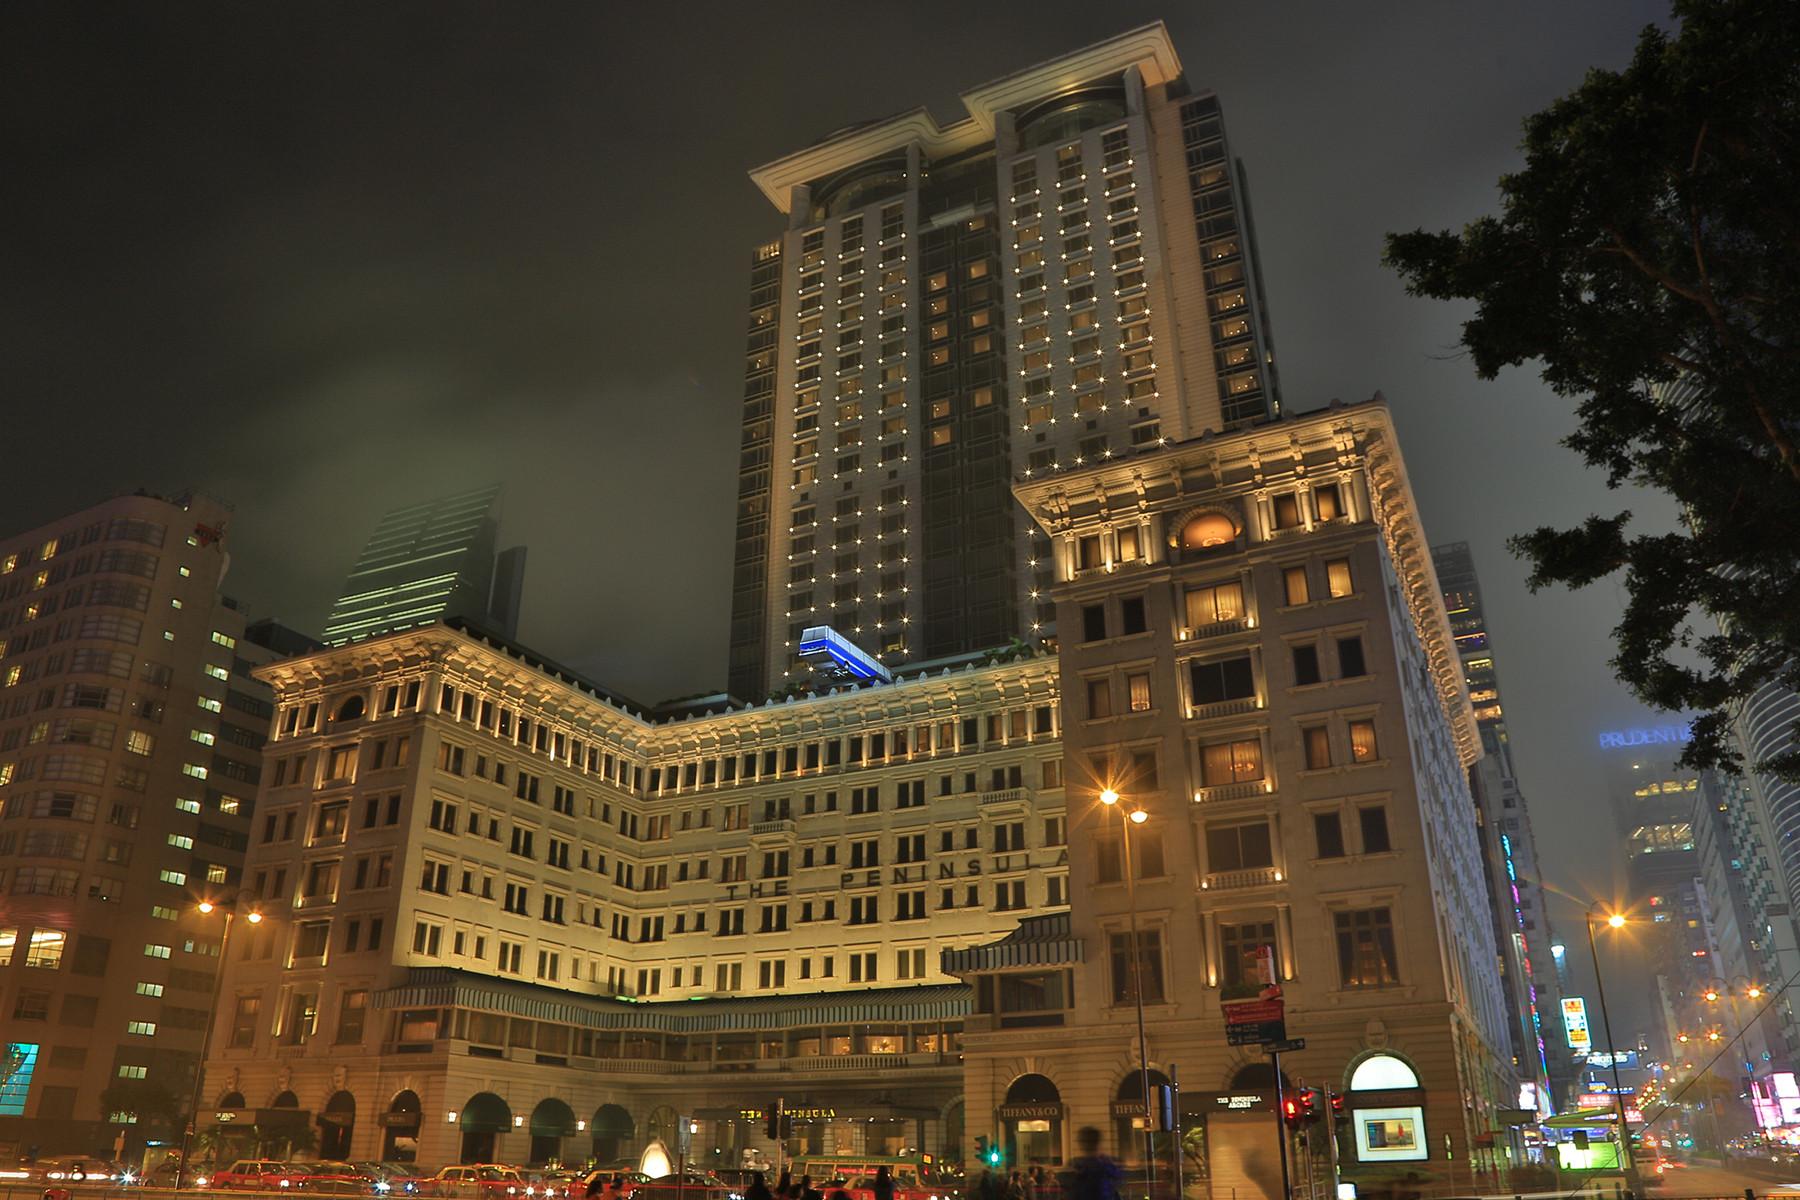 """Das """"The Peninsula"""" ist eines von Hongkongs exclusivsten Hotels. Roger Moore drehte hier 1974 einige Szenen zudem James Bond Film """"Der Mann mit dem Goldenen Colt""""."""